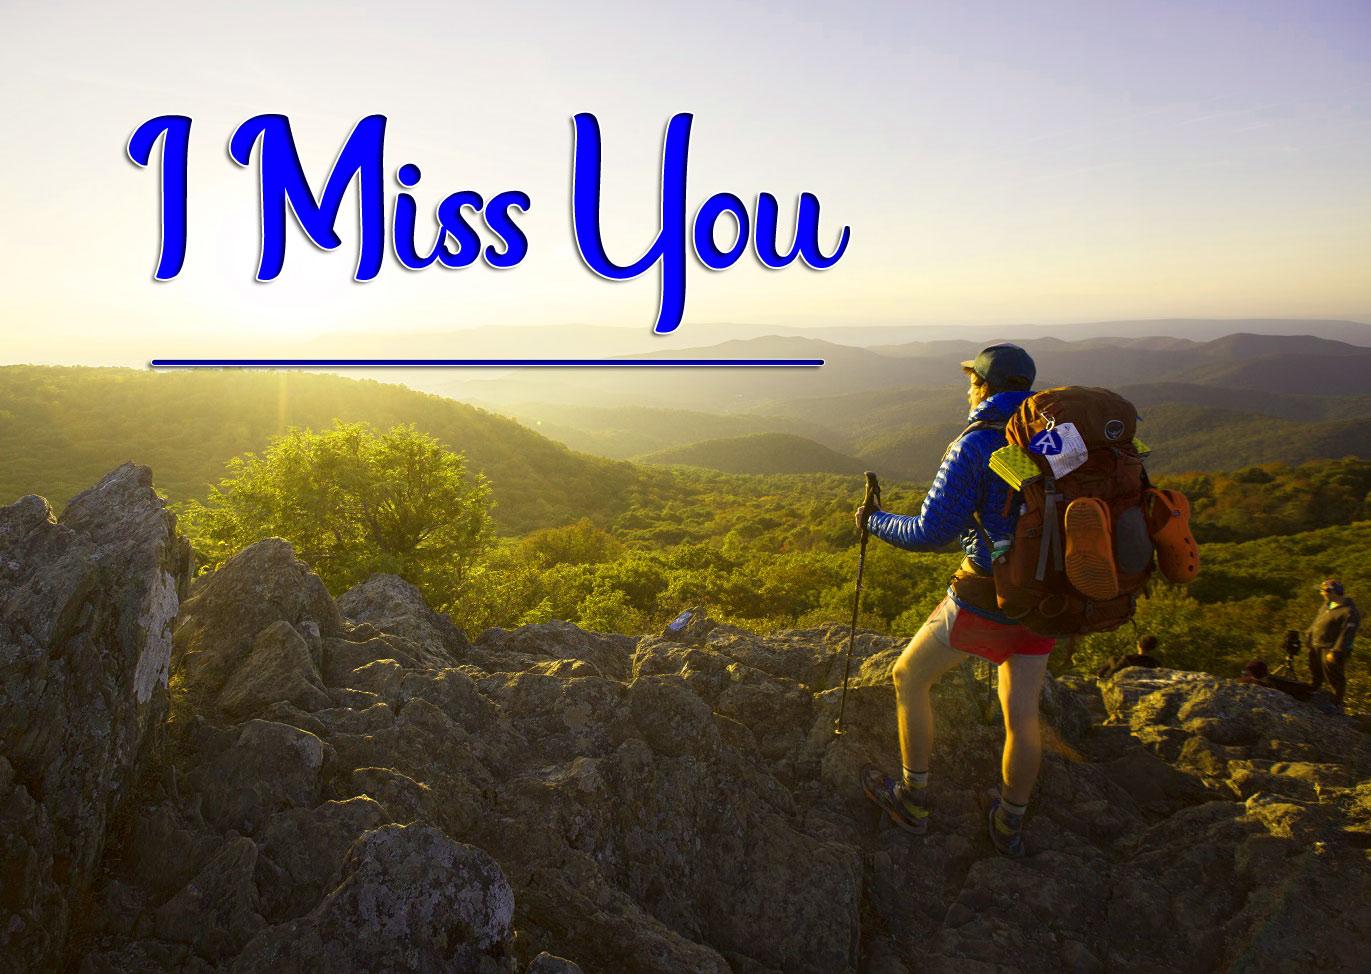 I Miss You Pics New 2